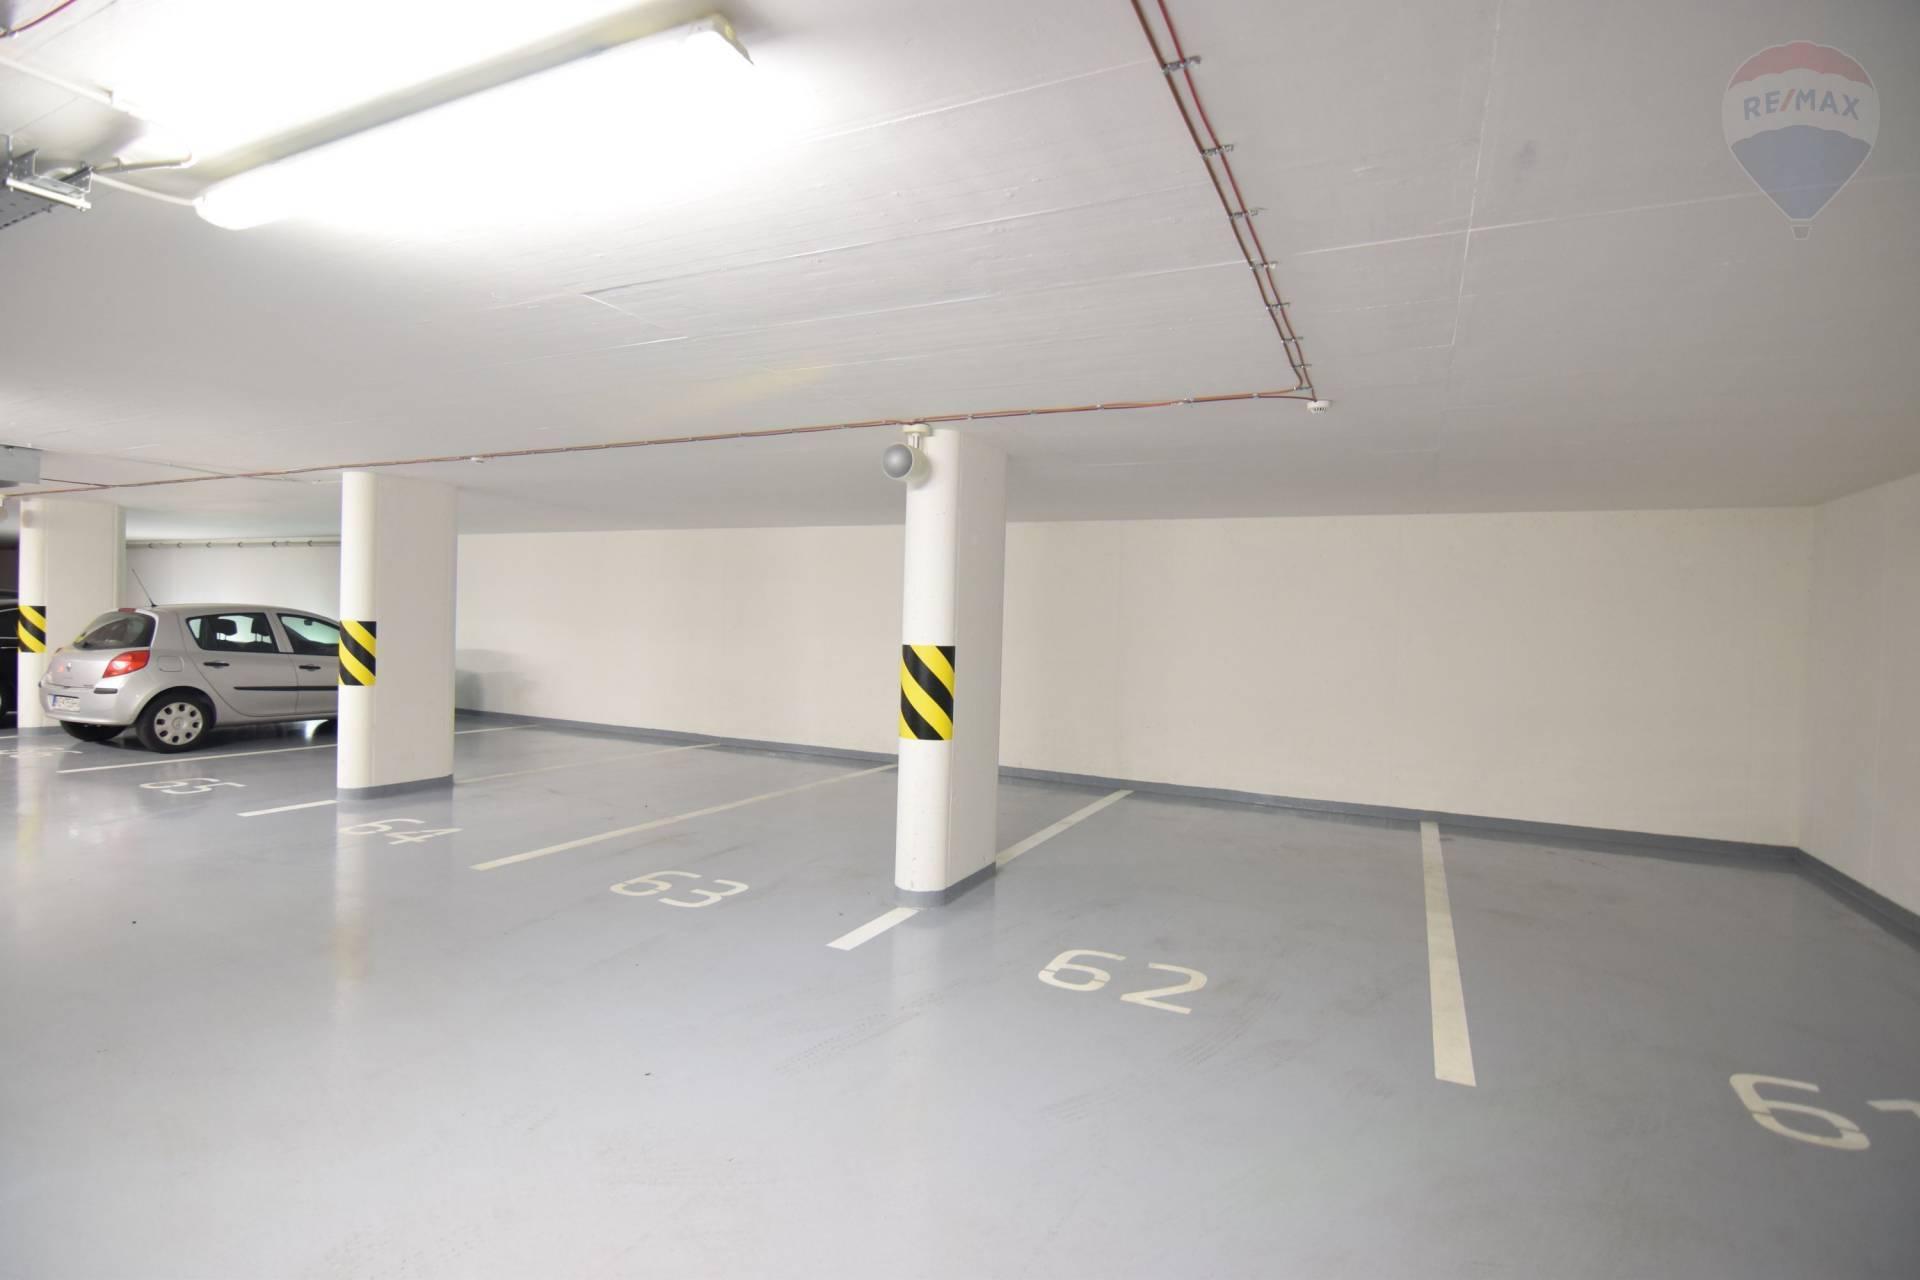 Prenájom garáže 12 m2, Košice - Staré Mesto - parkovacie miesto na prenajom